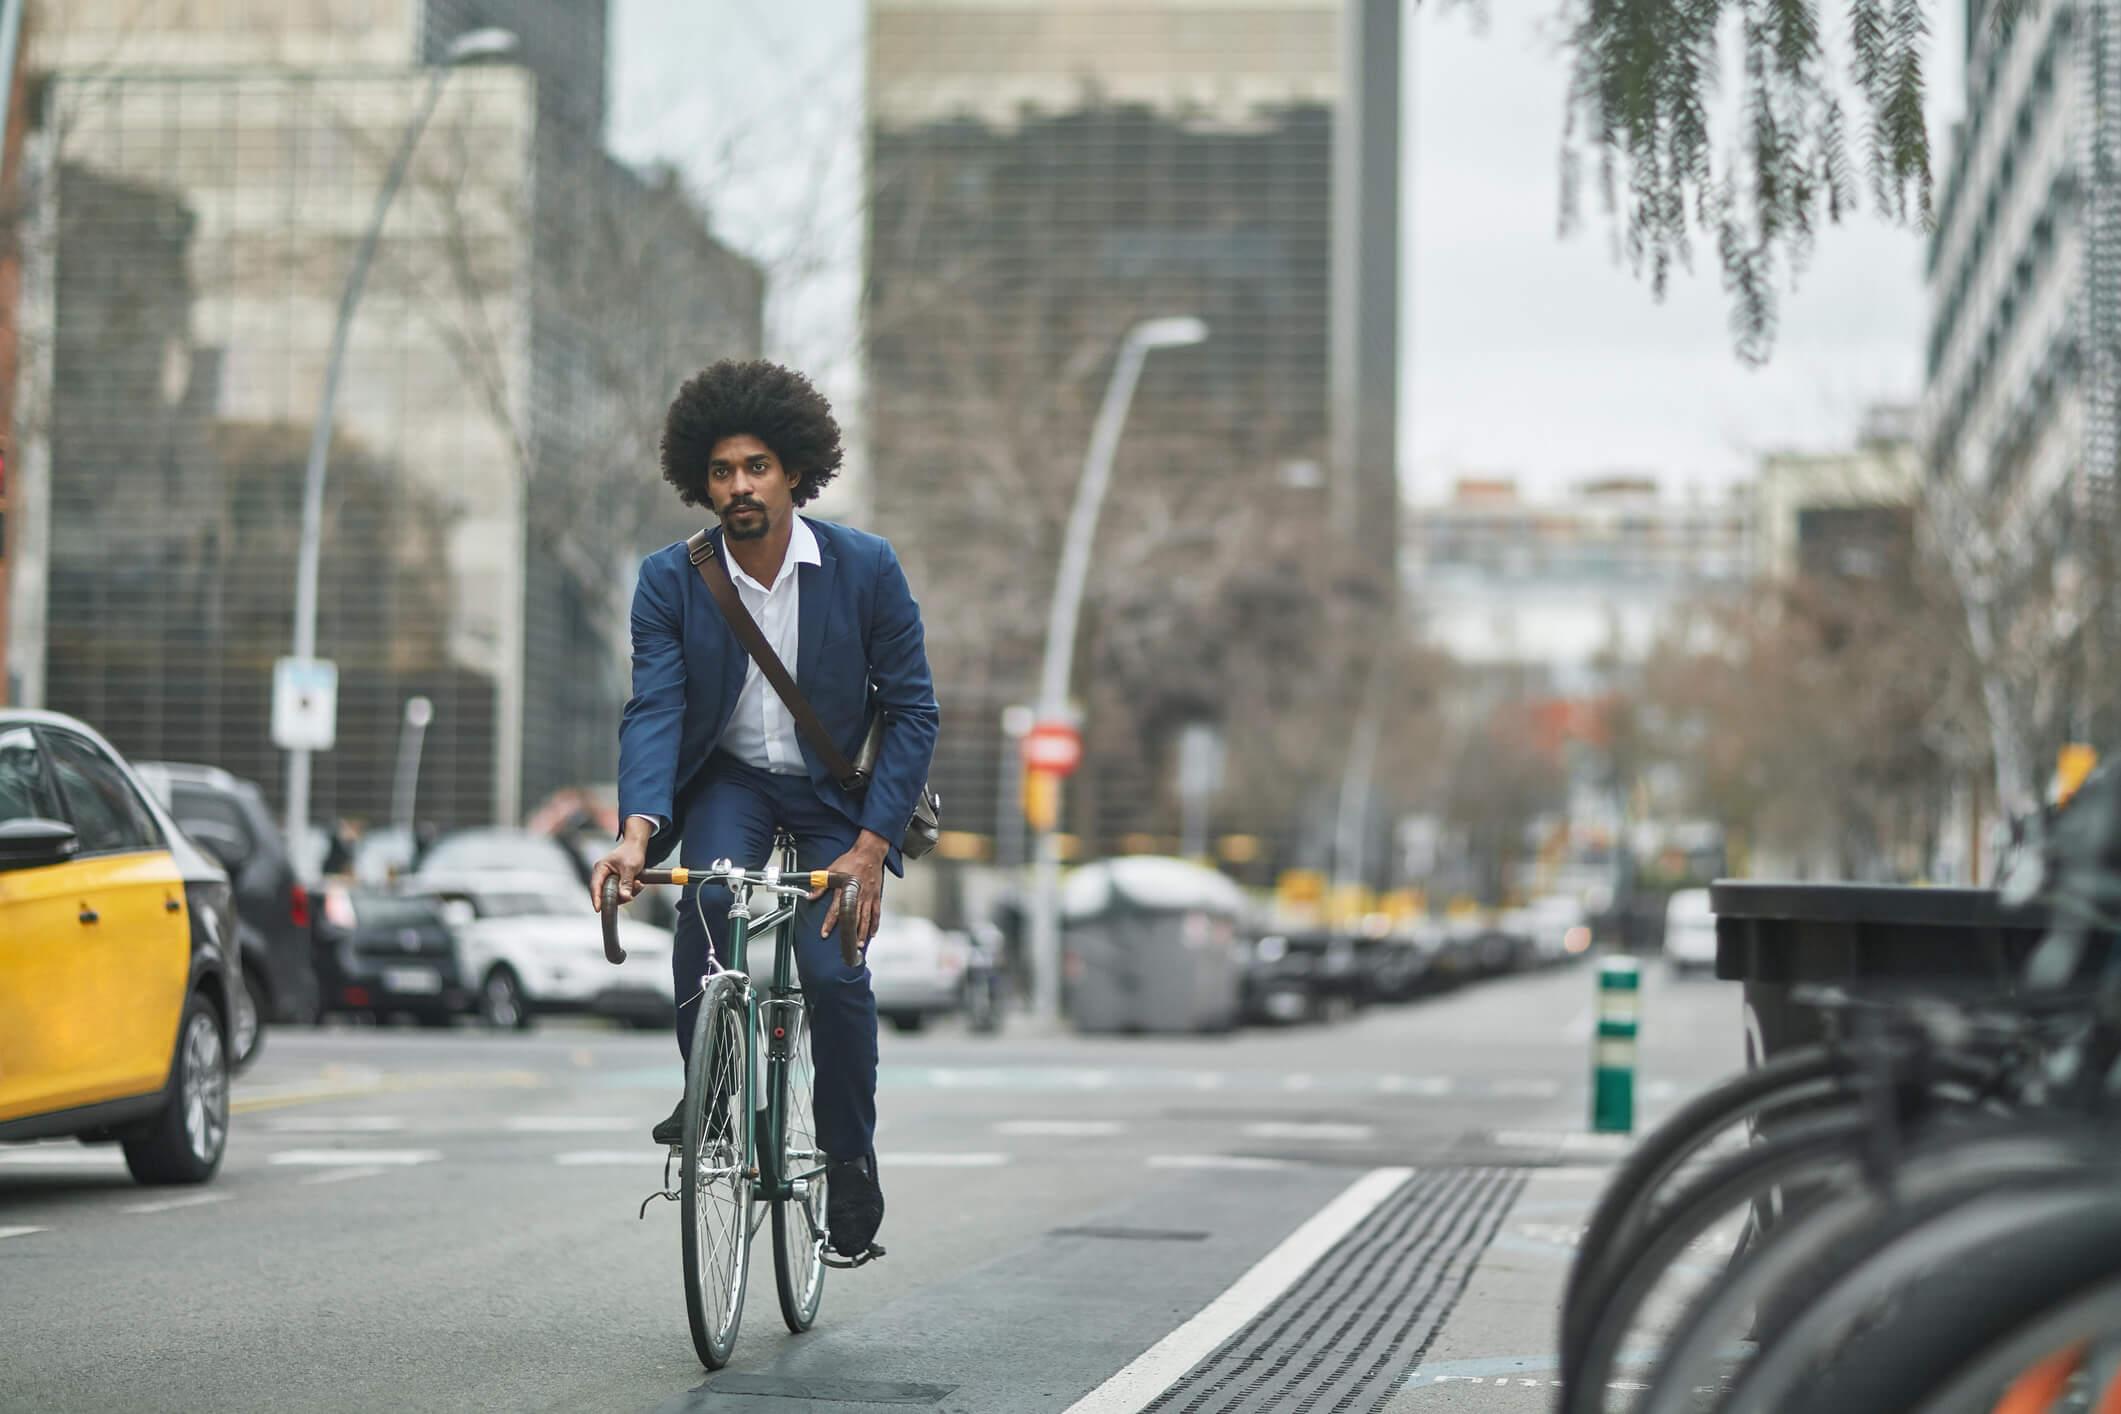 Toca a pedalar. As bicicletas vieram para ficar.